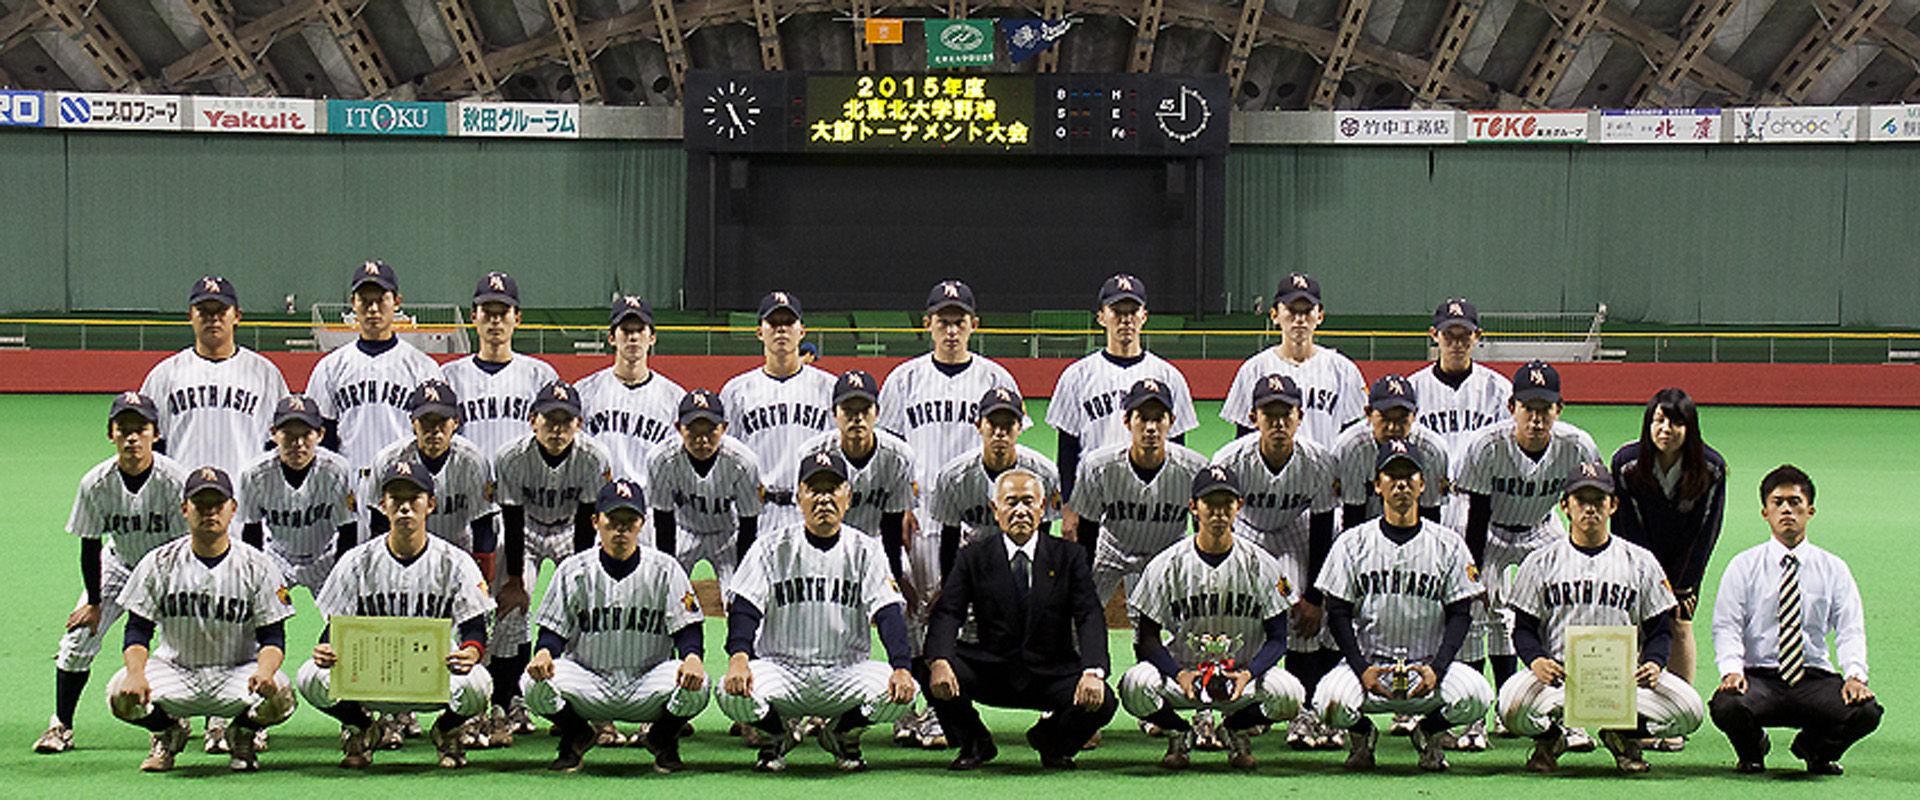 ノースアジア大学硬式野球部 OfficialBlog イメージ画像